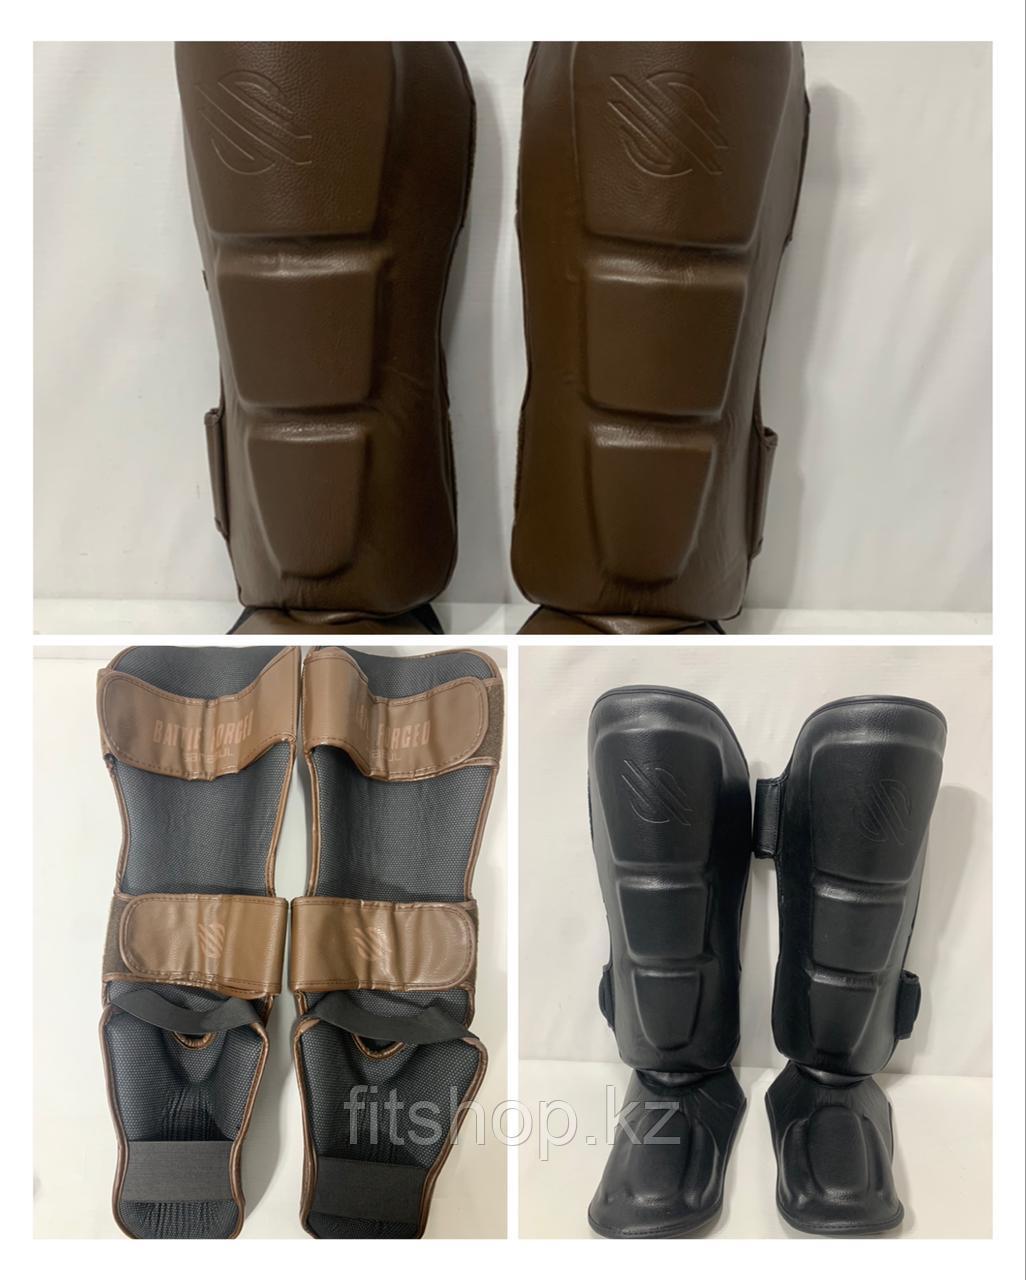 Защита голени и стопы  (Футы)